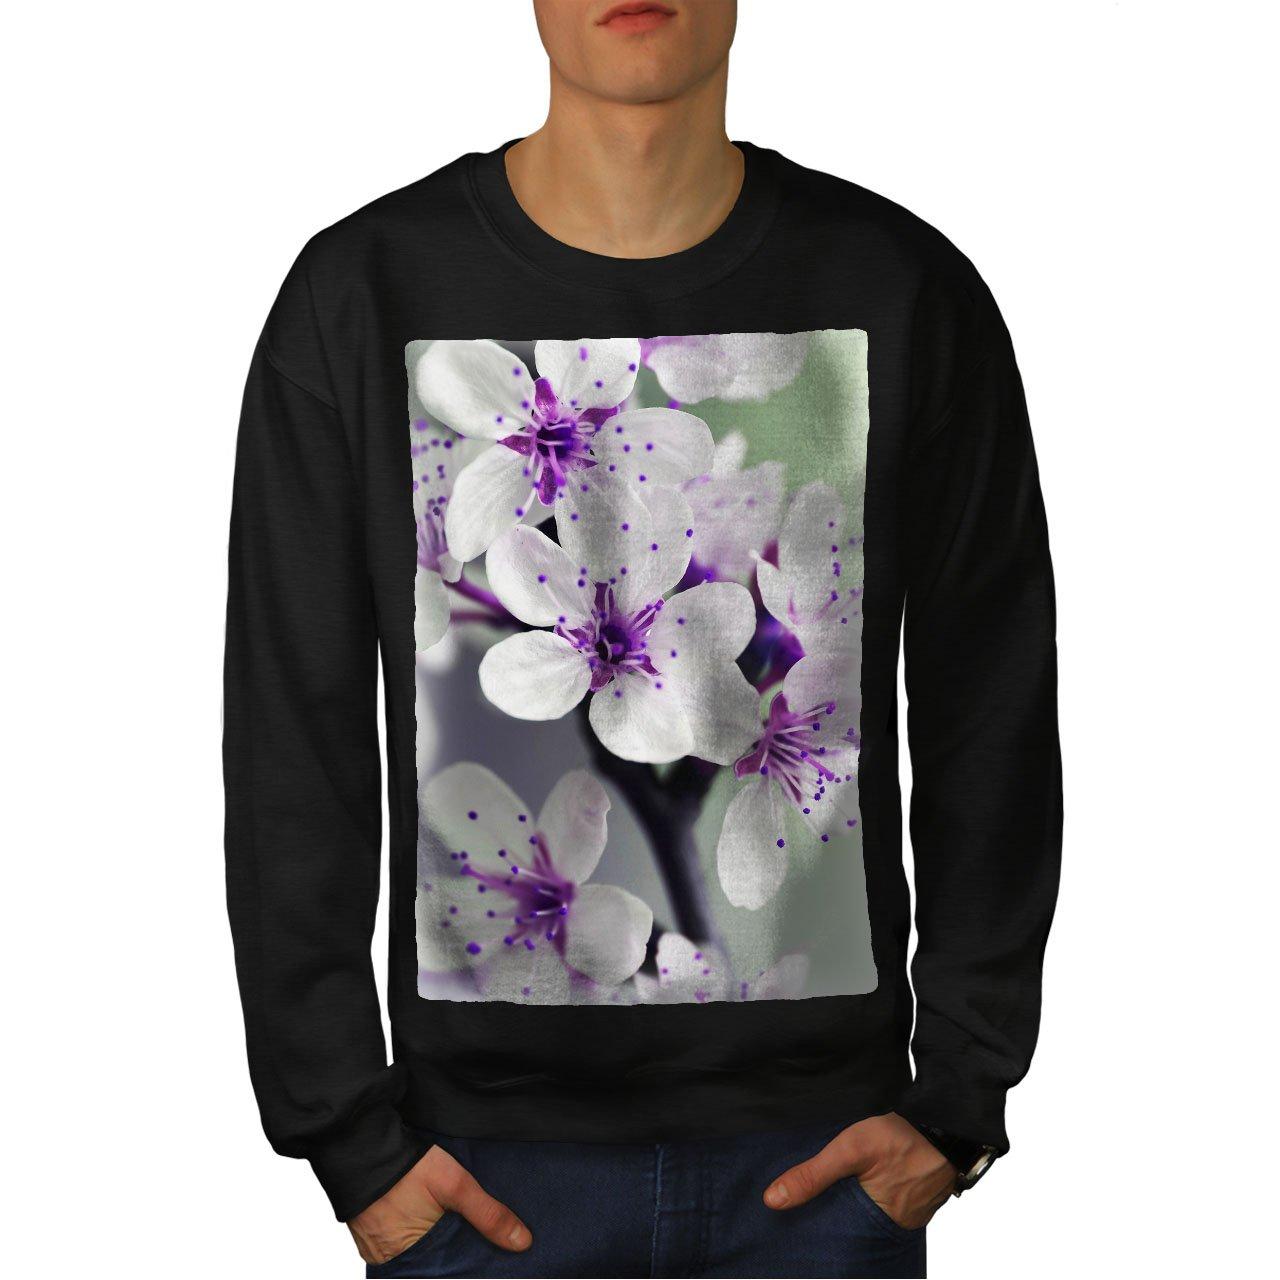 Nature Casual Jumper wellcoda White Flower Photo Mens Sweatshirt